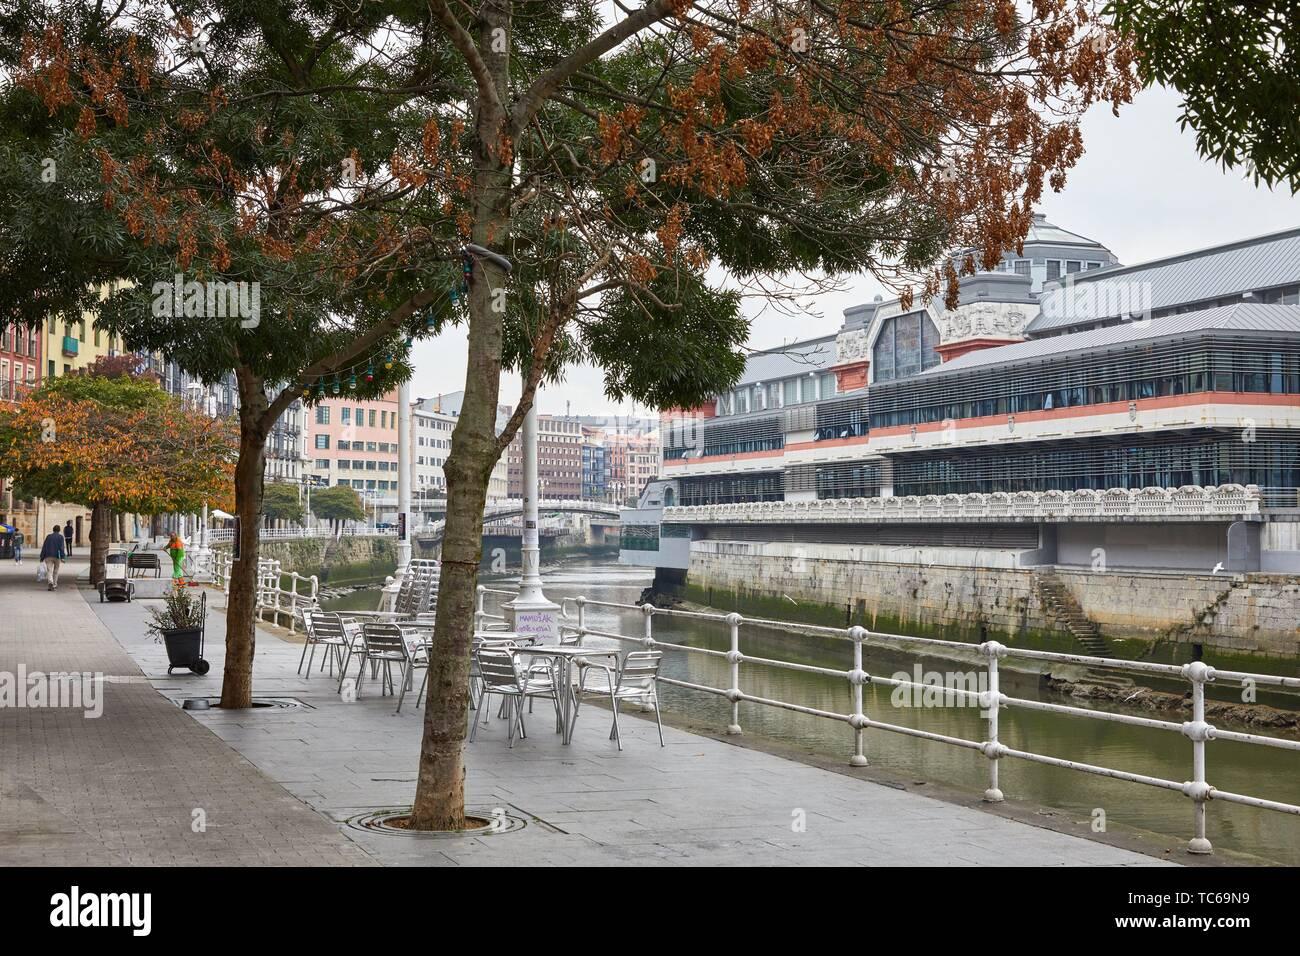 Muelle de Marzana, Martzana kaia, bank of the Nervion River, Mercado de la Ribera, Bilbao, Basque Country, Spain - Stock Image